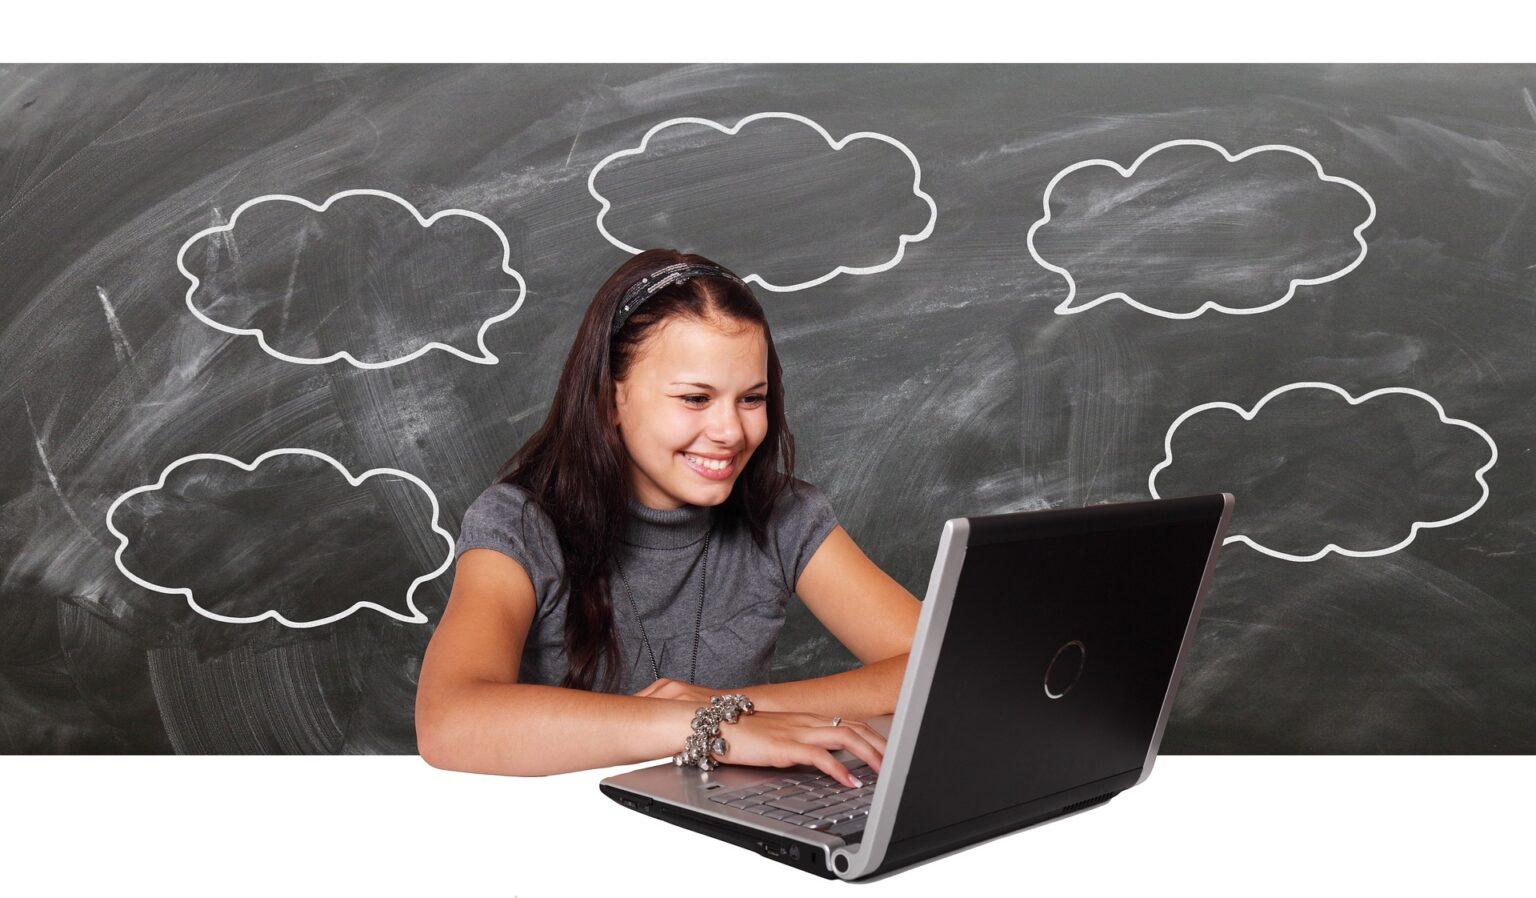 Vemos uma menina em frente um computador e, ao fundo, desenhos de nuvens em um quadro negro. Imagem ilustrativa texto: franquias até 5 mil.